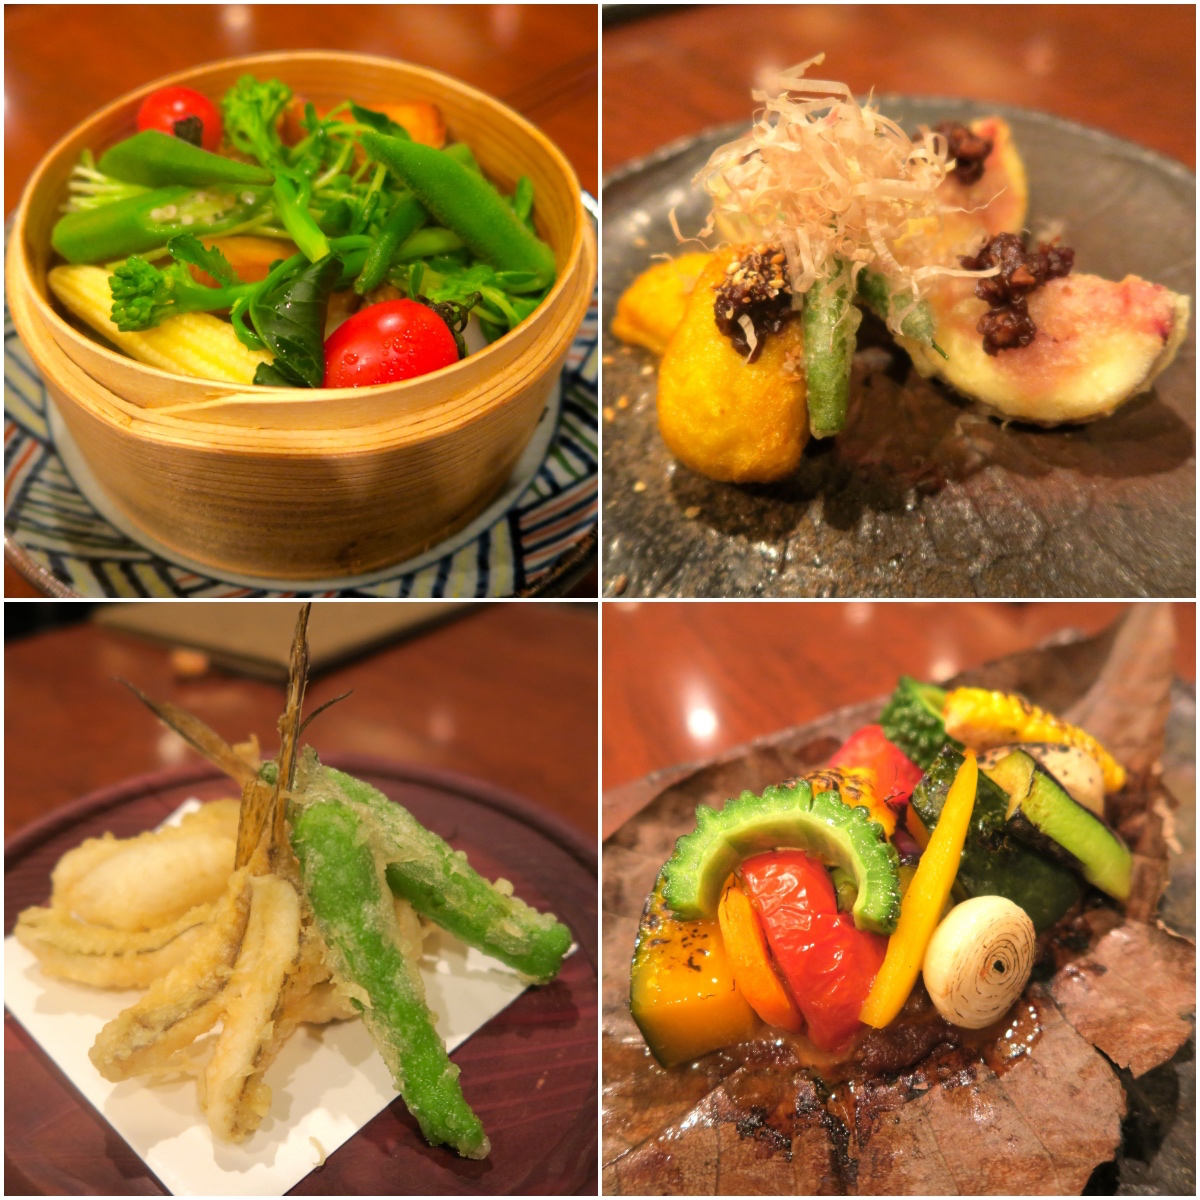 福岡で旬の美味しい野菜を食べるなら八お野 (ヤオヤ)@福岡市中央区高砂